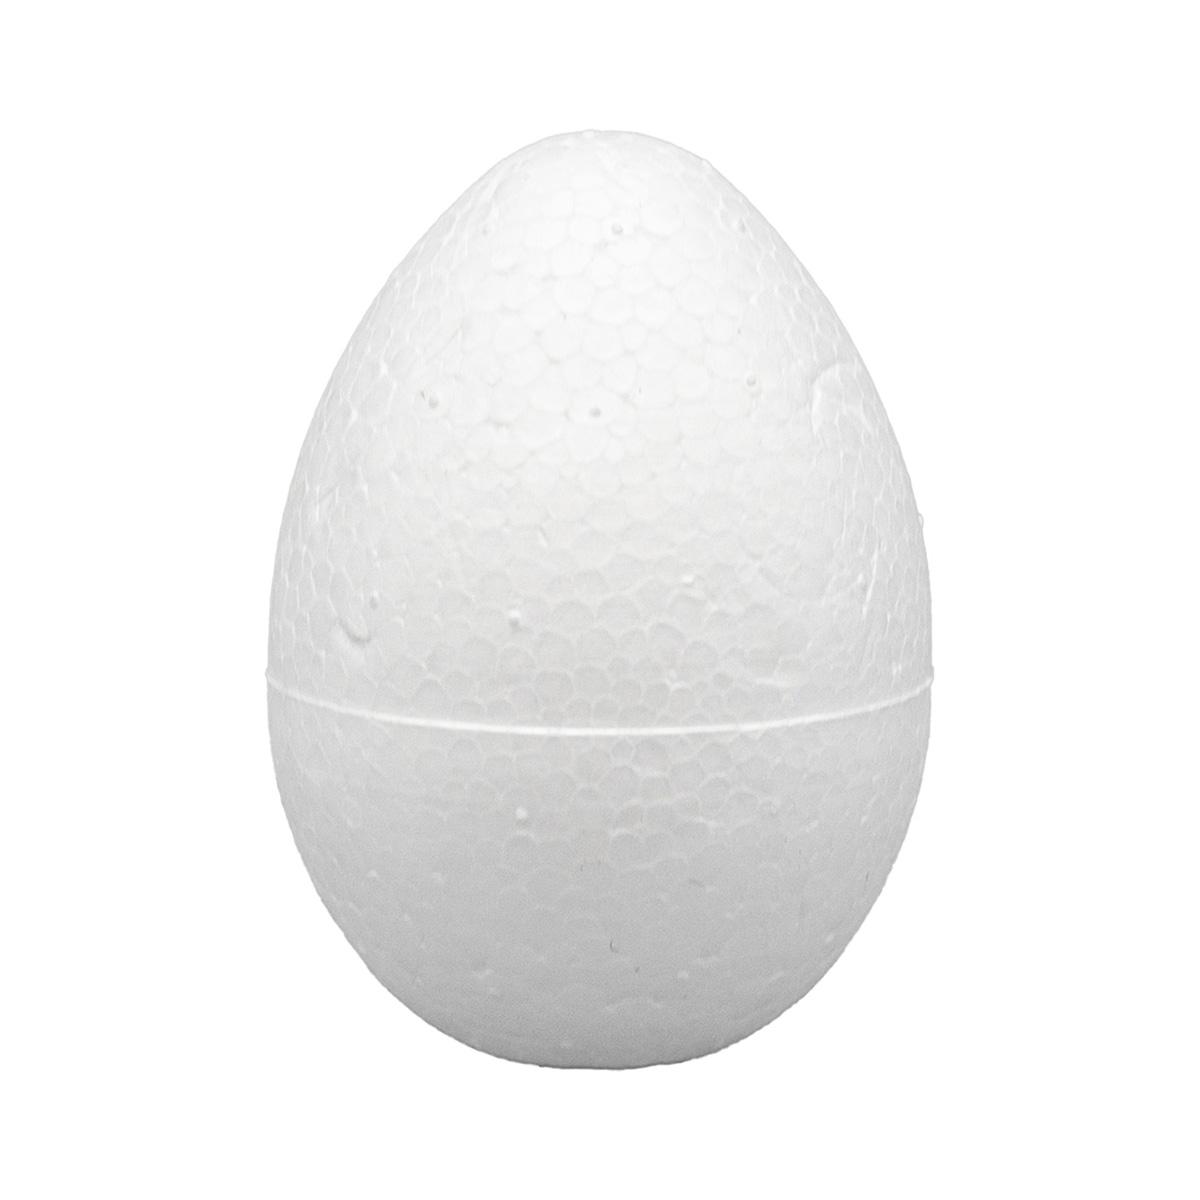 Заготовка для декорирования из пенопласта 'Яйцо', h 5см, d 3,5см